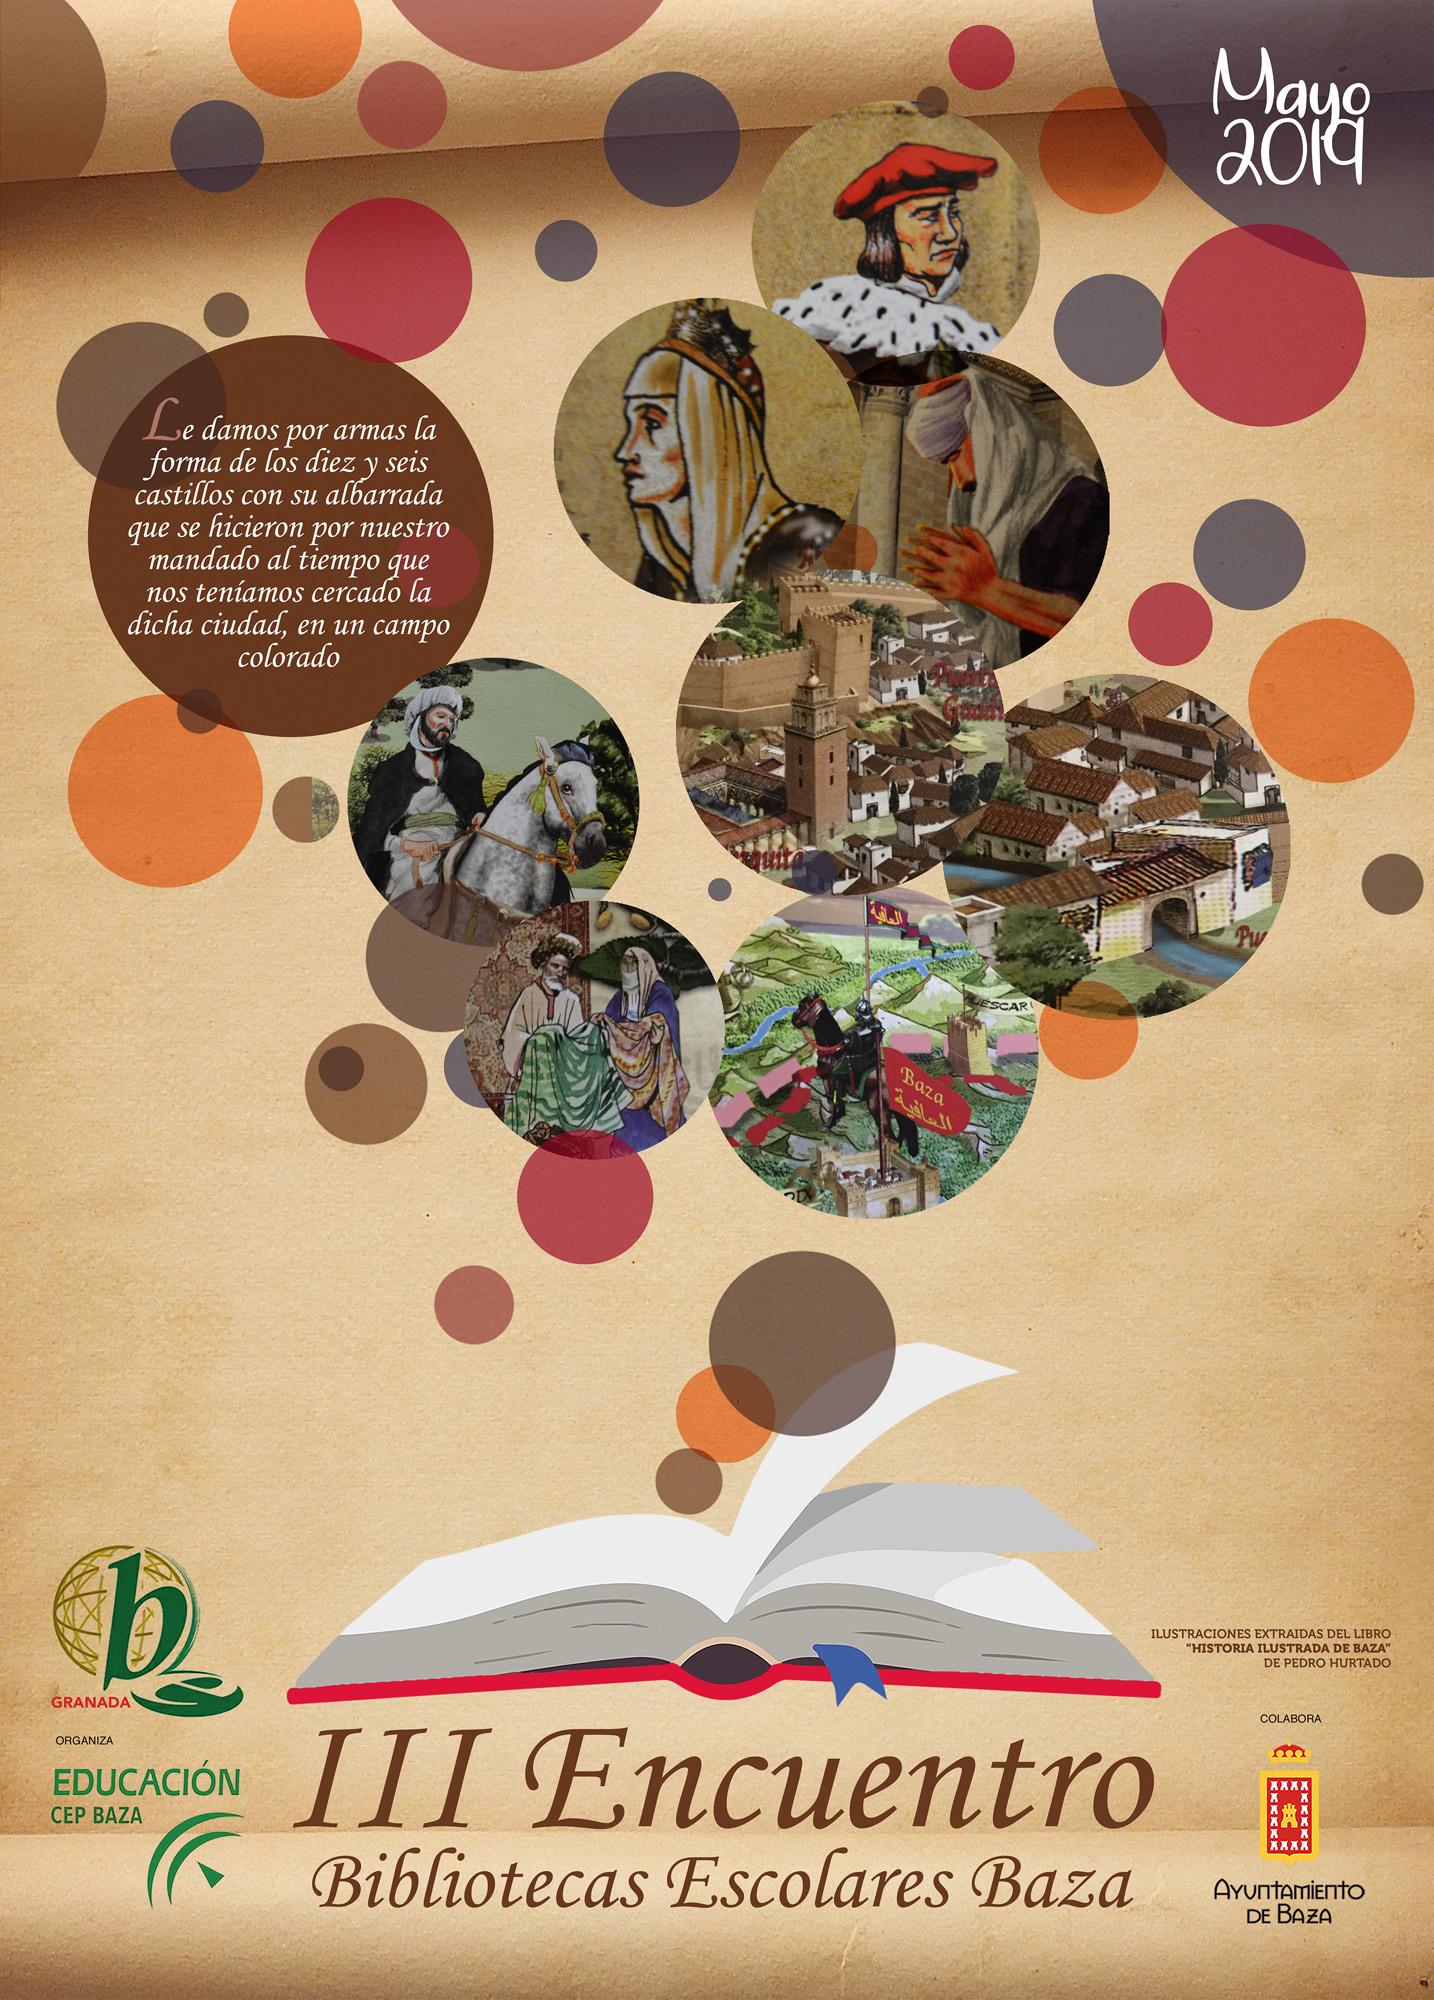 Diptico Encuentro bibliotecas escolares de Baza